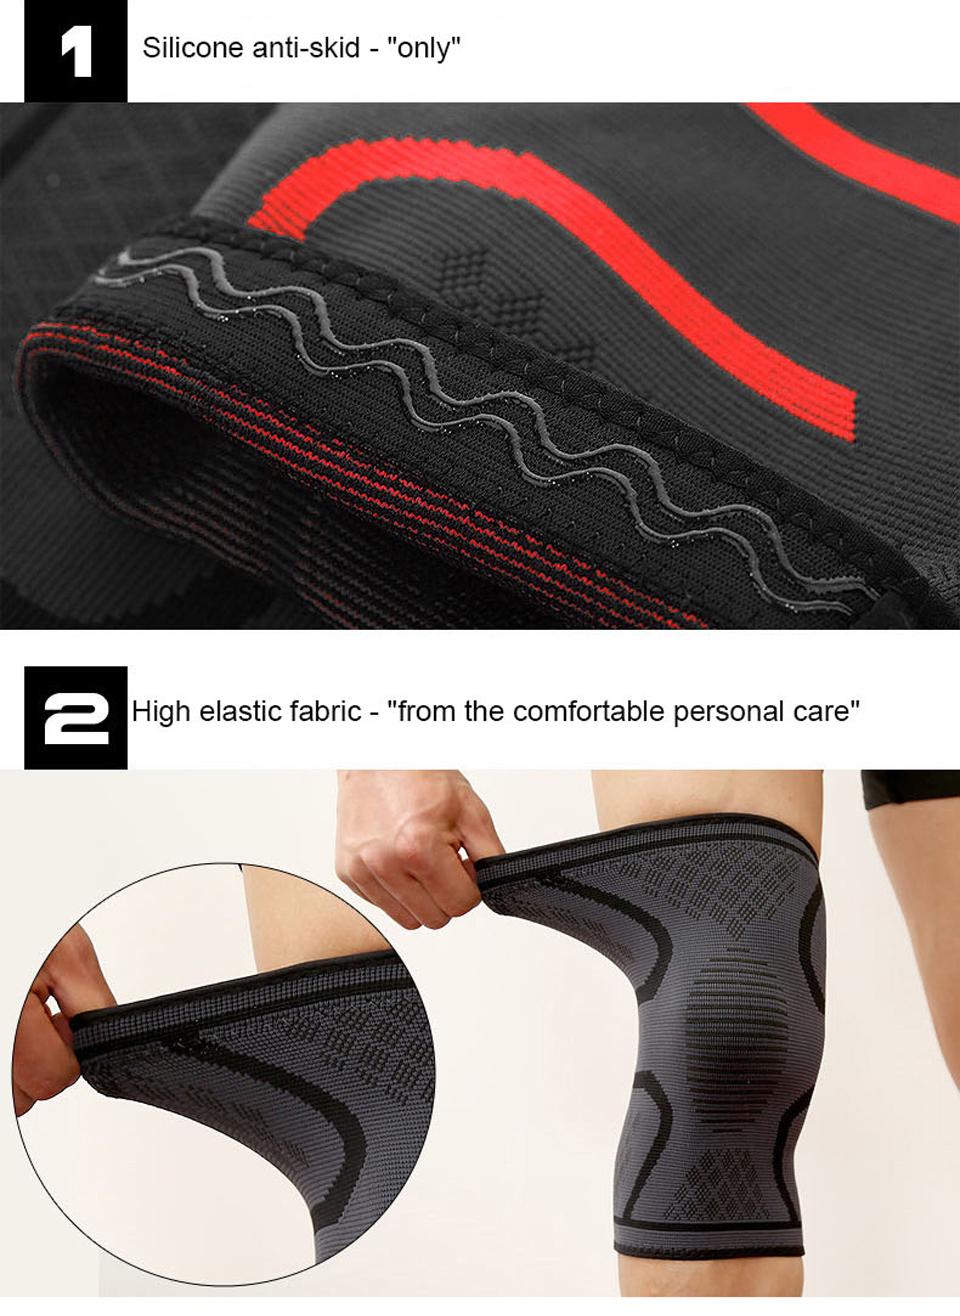 Đai gối đàn hồi bảo vệ đầu gối khi chơi thể thao Aolikes AL7718 (1 đôi) - Đỏ - L